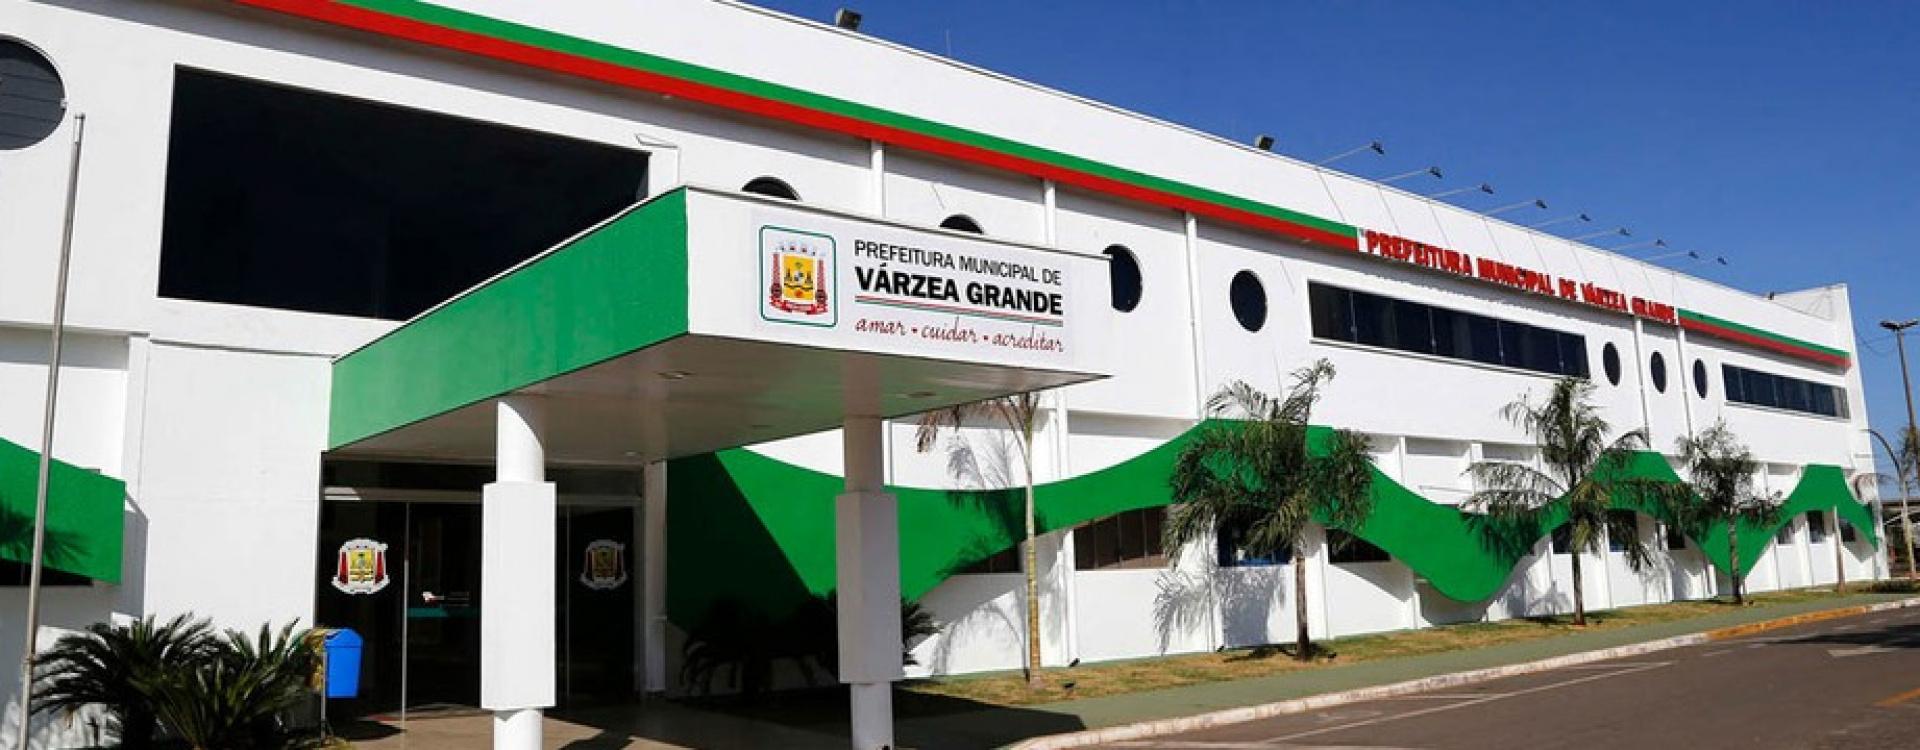 Prefeitura de Várzea Grande (MT) abre processo seletivo para nível médio com salário de R$ 2 mil